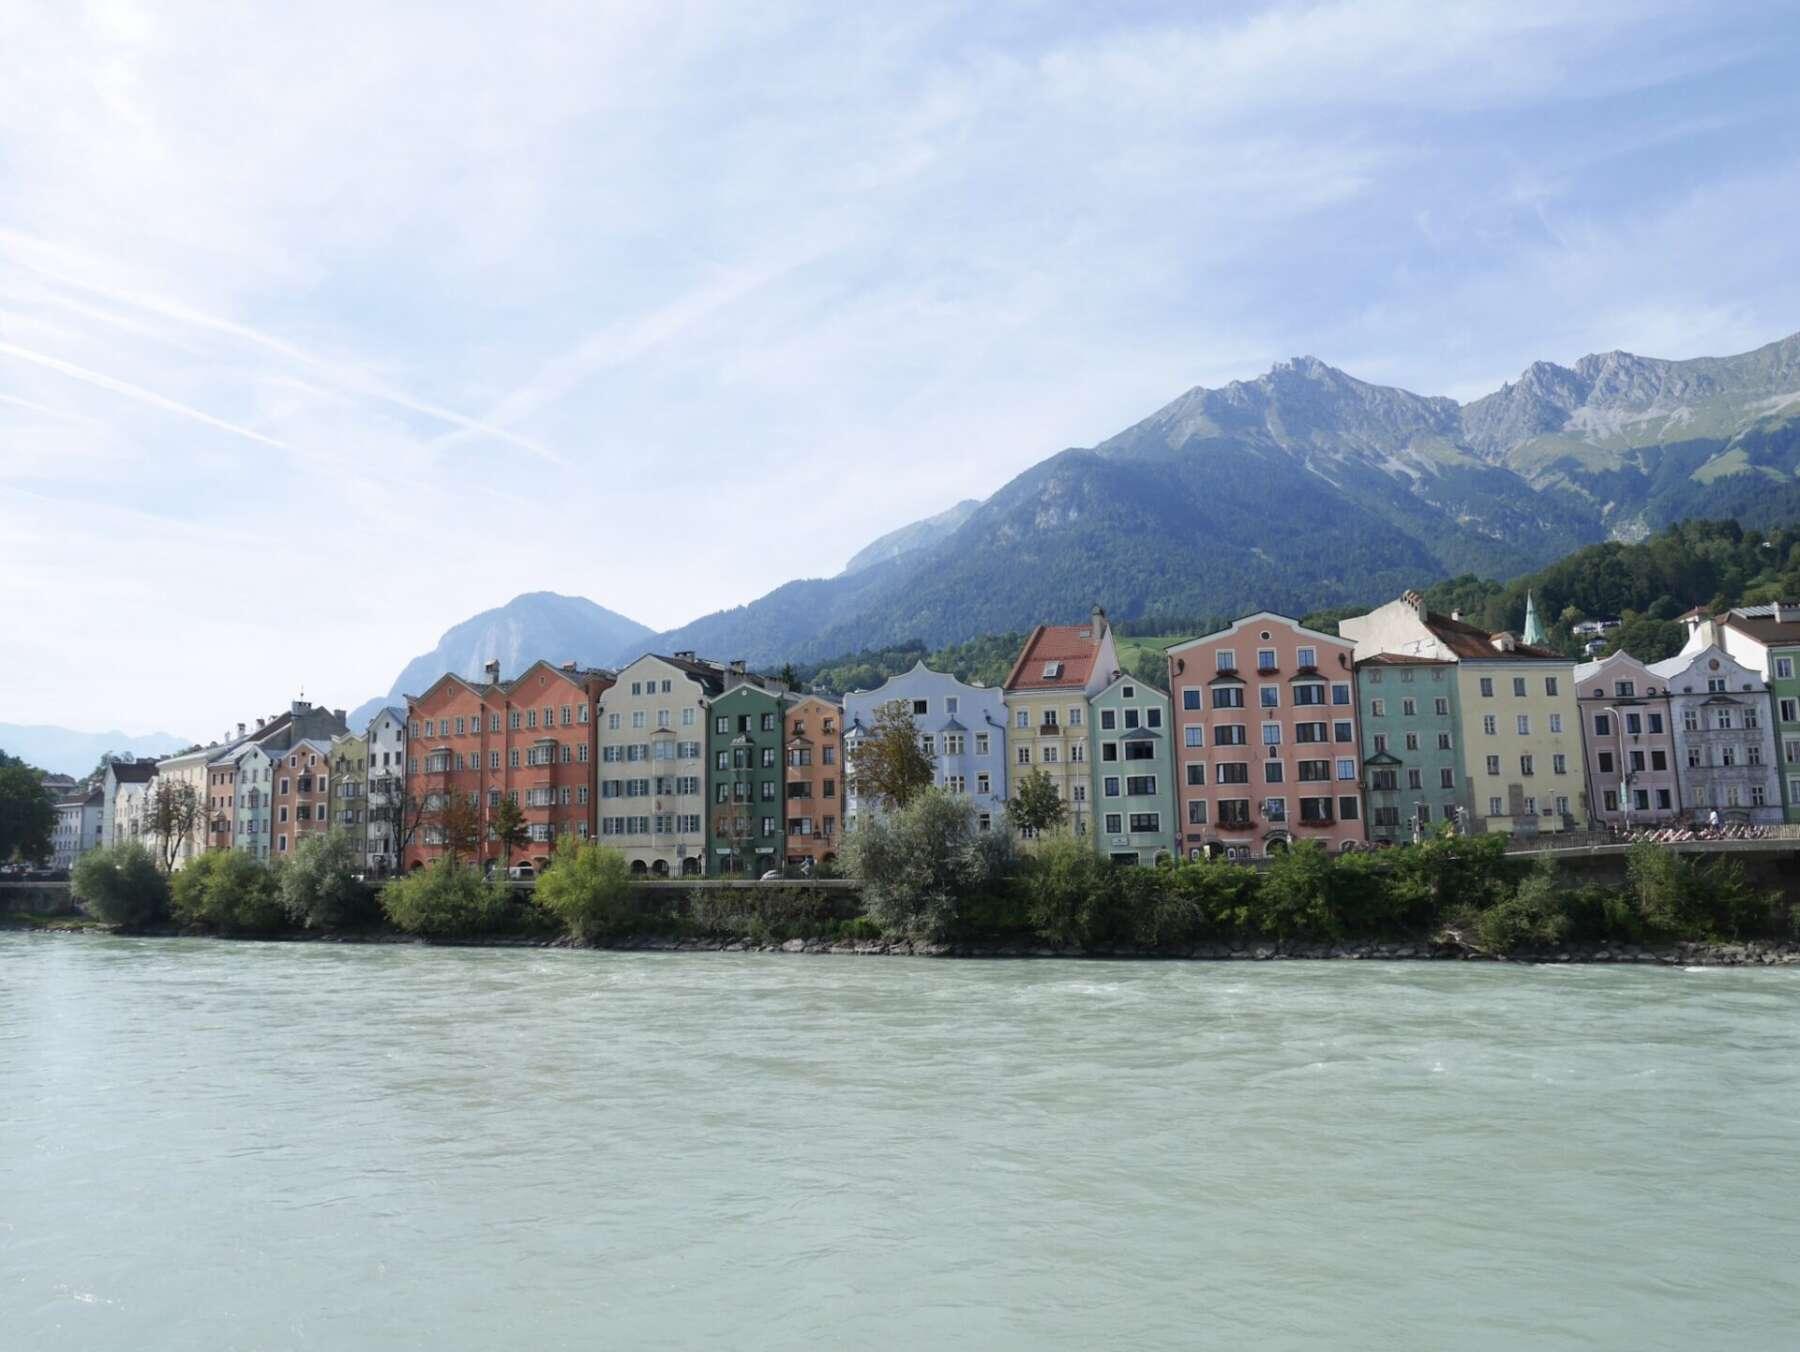 อินส์บรุค (Innsbruck) ออสเตรีย